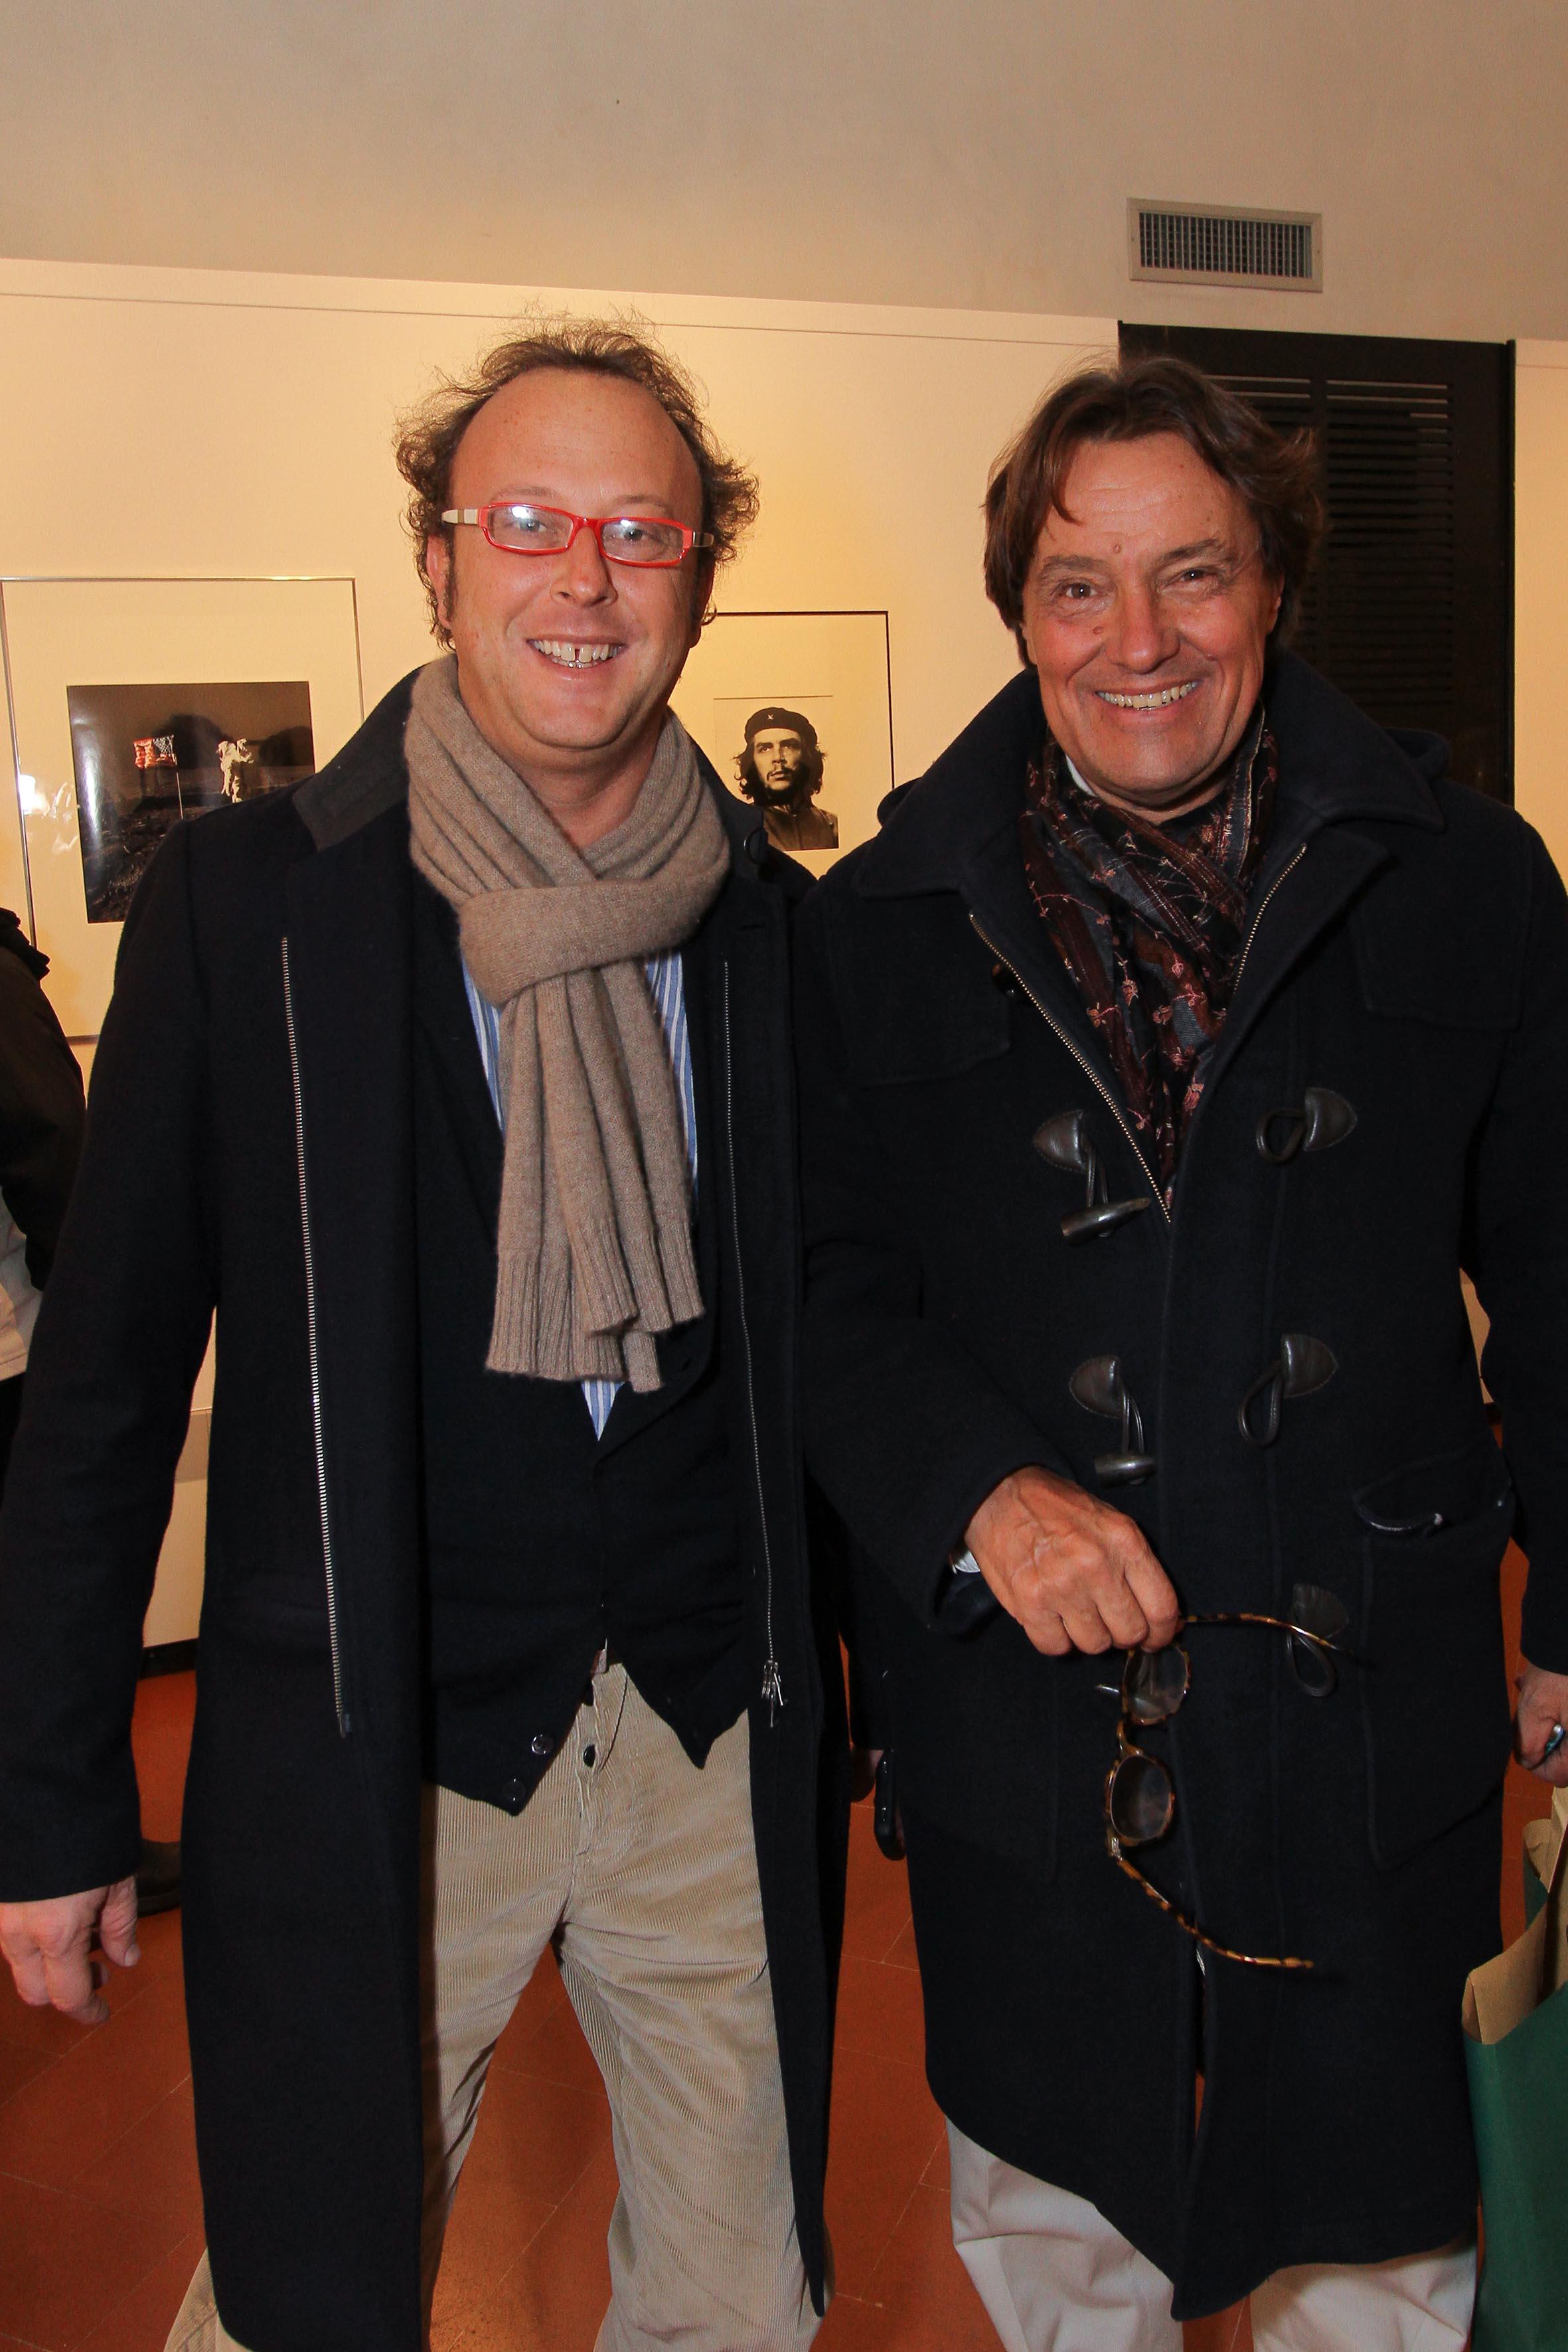 PRESSPHOTO Firenze, Museo Alinari, mostra fotografica Controverses. nella foto Enrico Bruni e Peter Marangoni